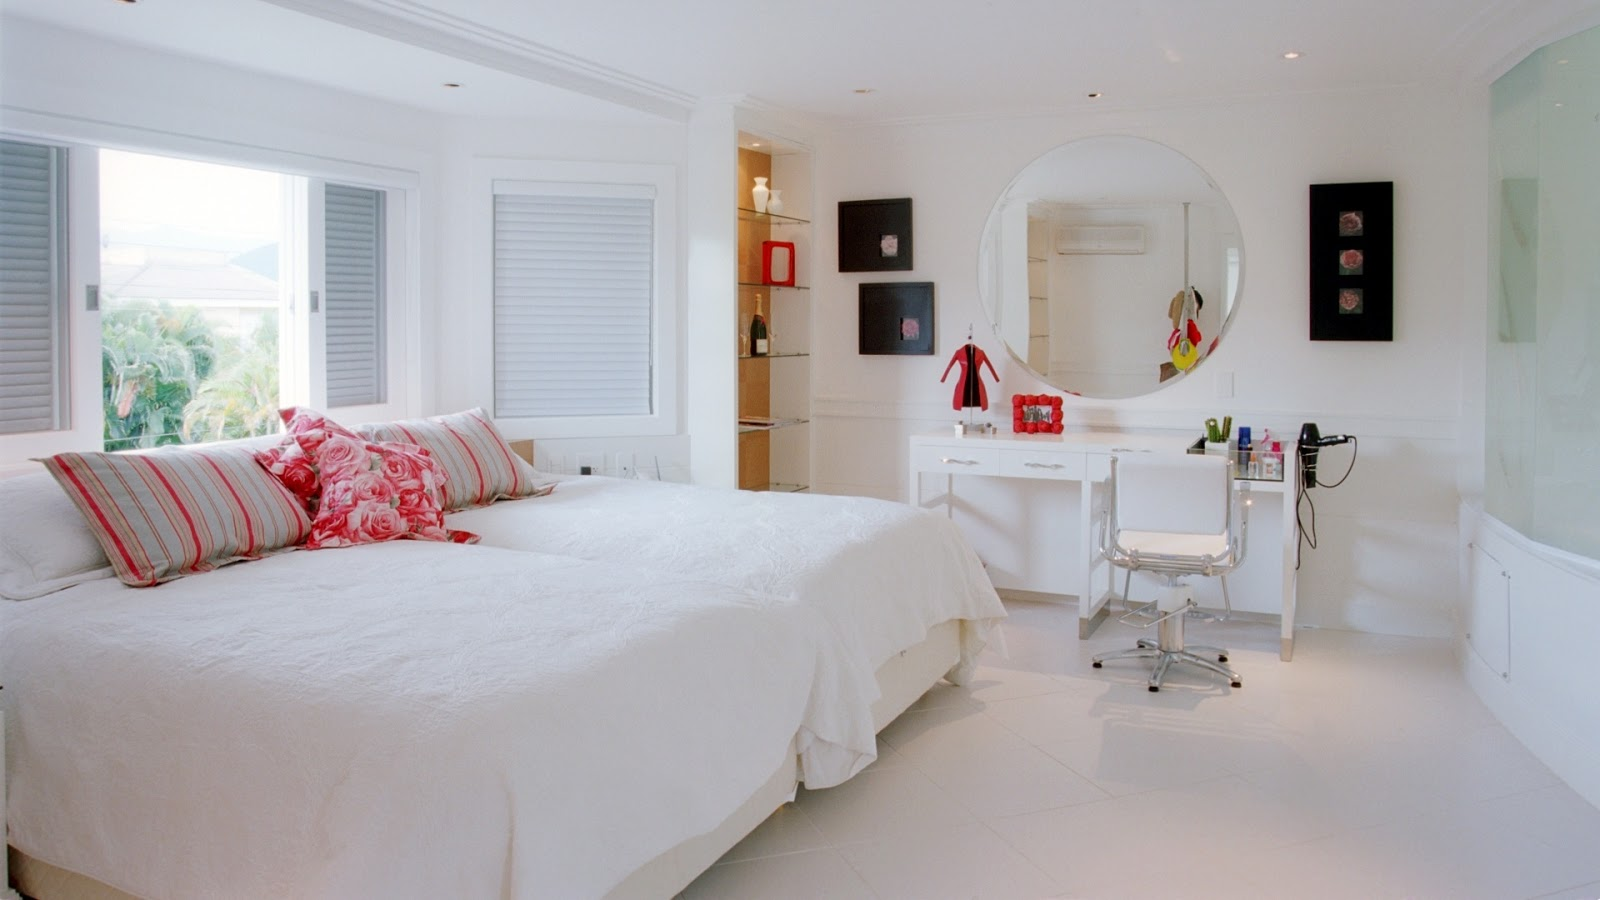 Esse quarto é totalmente clean! Chão paredes janelas teto  #84382F 1600x900 Banheiro Com Banheira Integrada